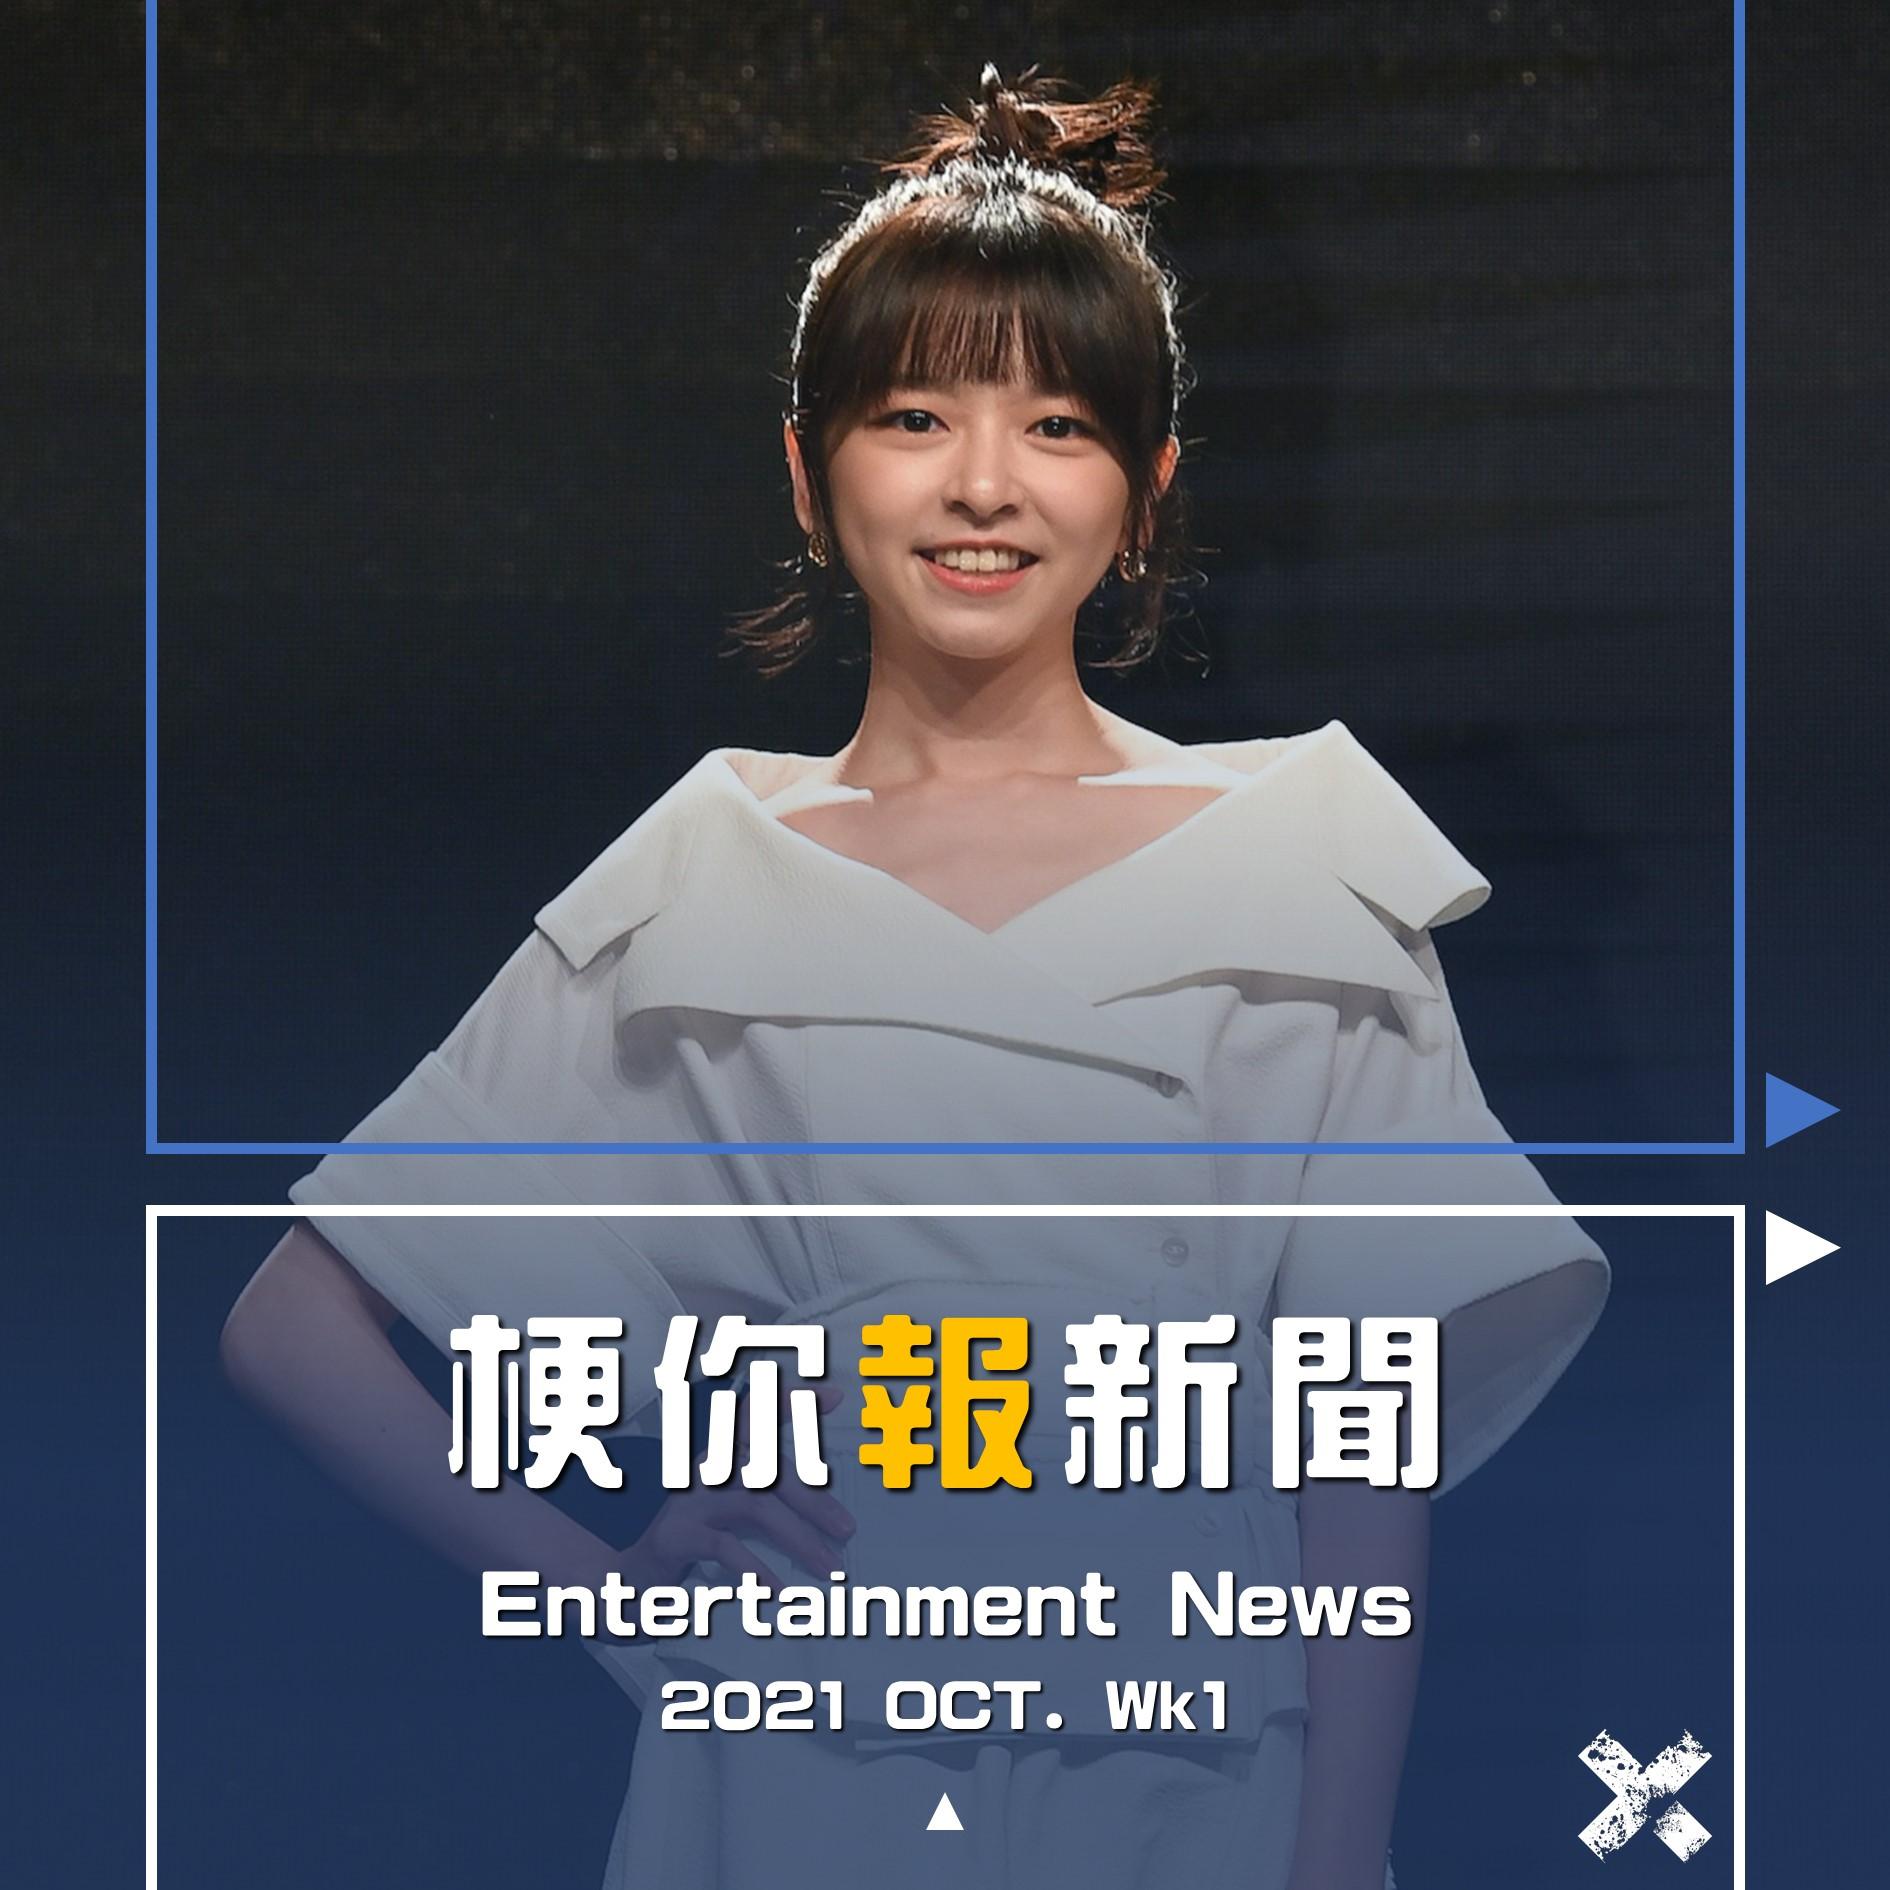 【梗你報新聞】光輝十月的一週   第58屆金馬獎入圍名單公布   Disney+臺灣上市記者會重點總整   2021-OCT. WK 1   XXY + JERICHO